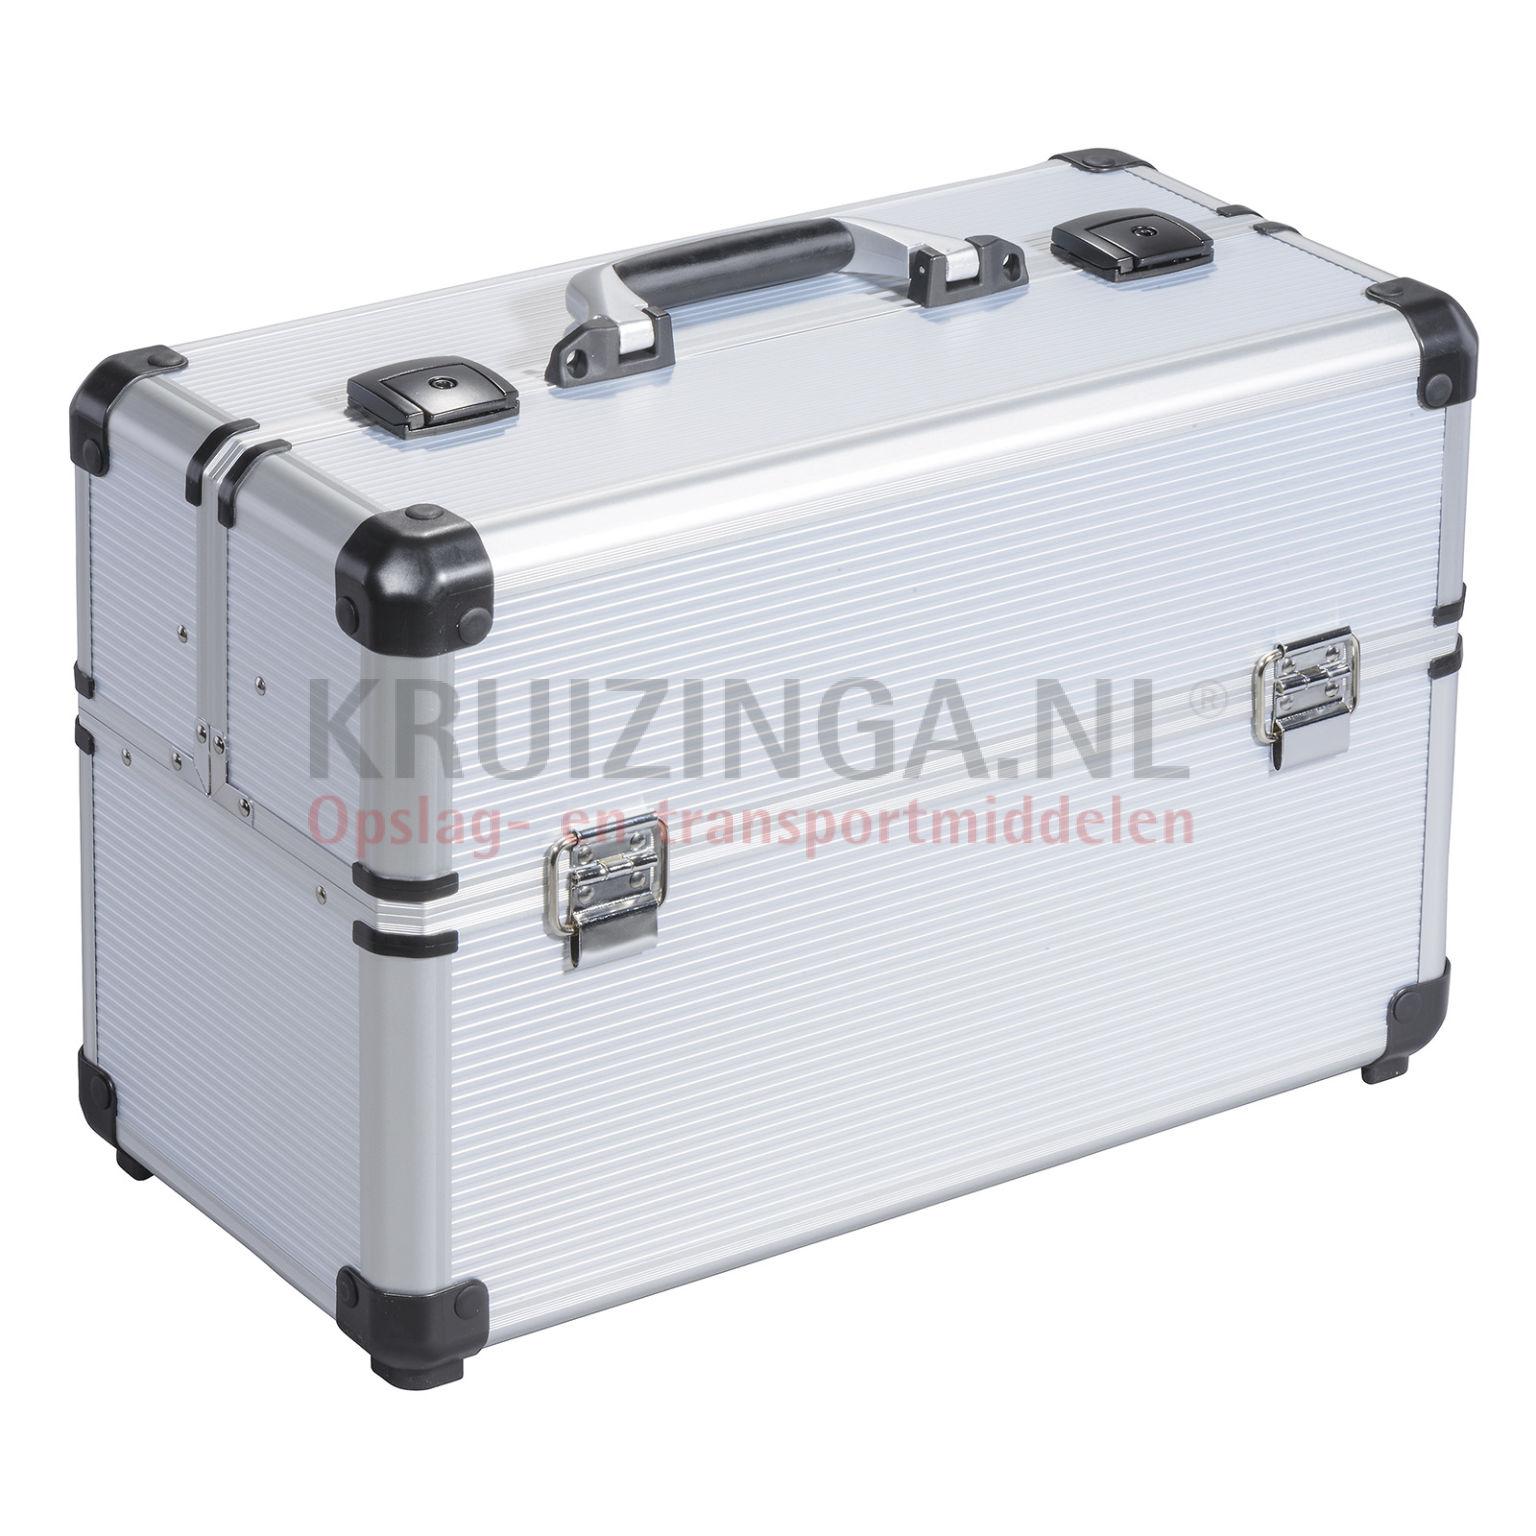 mallette de transport valise outils avec fermeture rapide double partir de 59 50 frais de. Black Bedroom Furniture Sets. Home Design Ideas